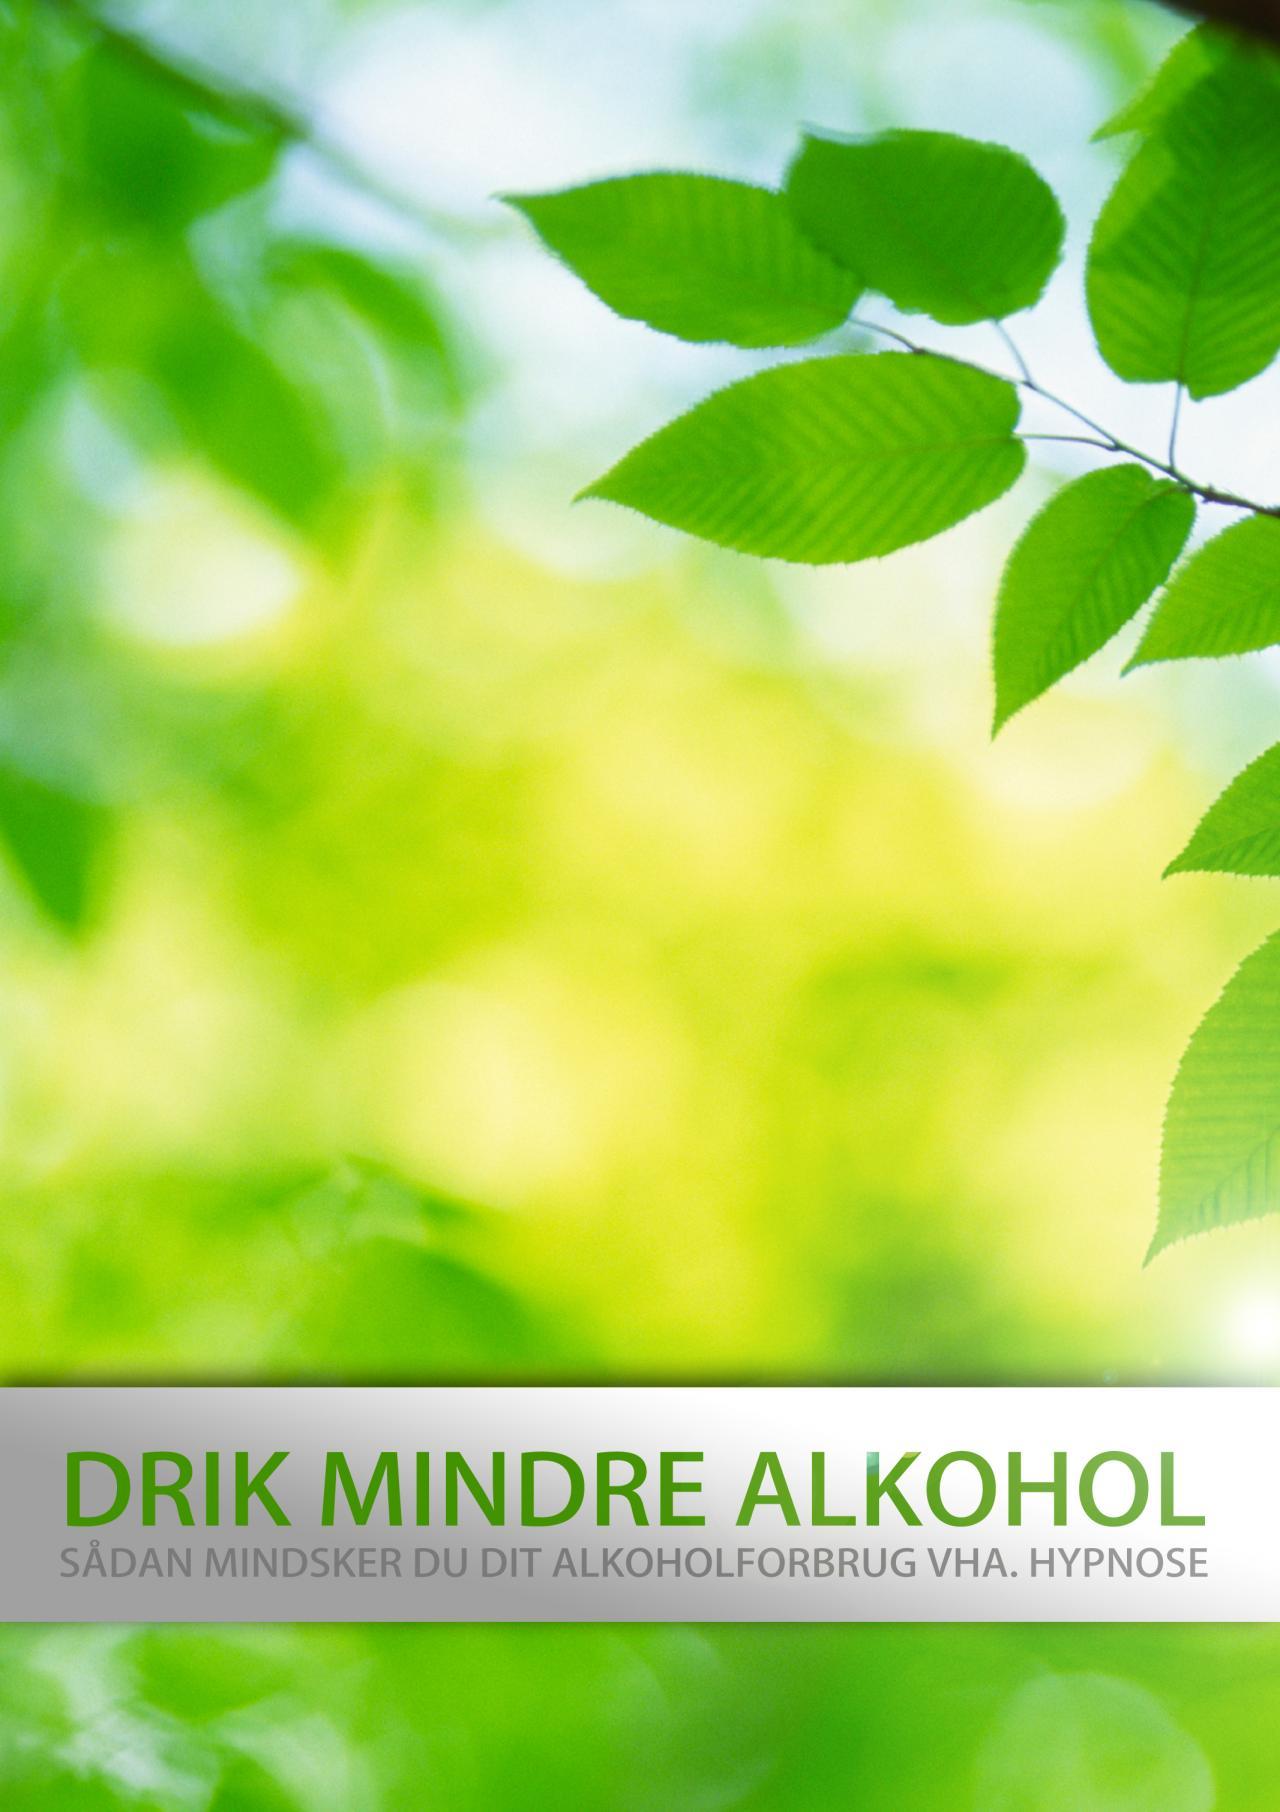 Drik mindre alkohol - sådan mindsker du dit alkoholforbrug med hypnose fra N/A fra mindly.dk